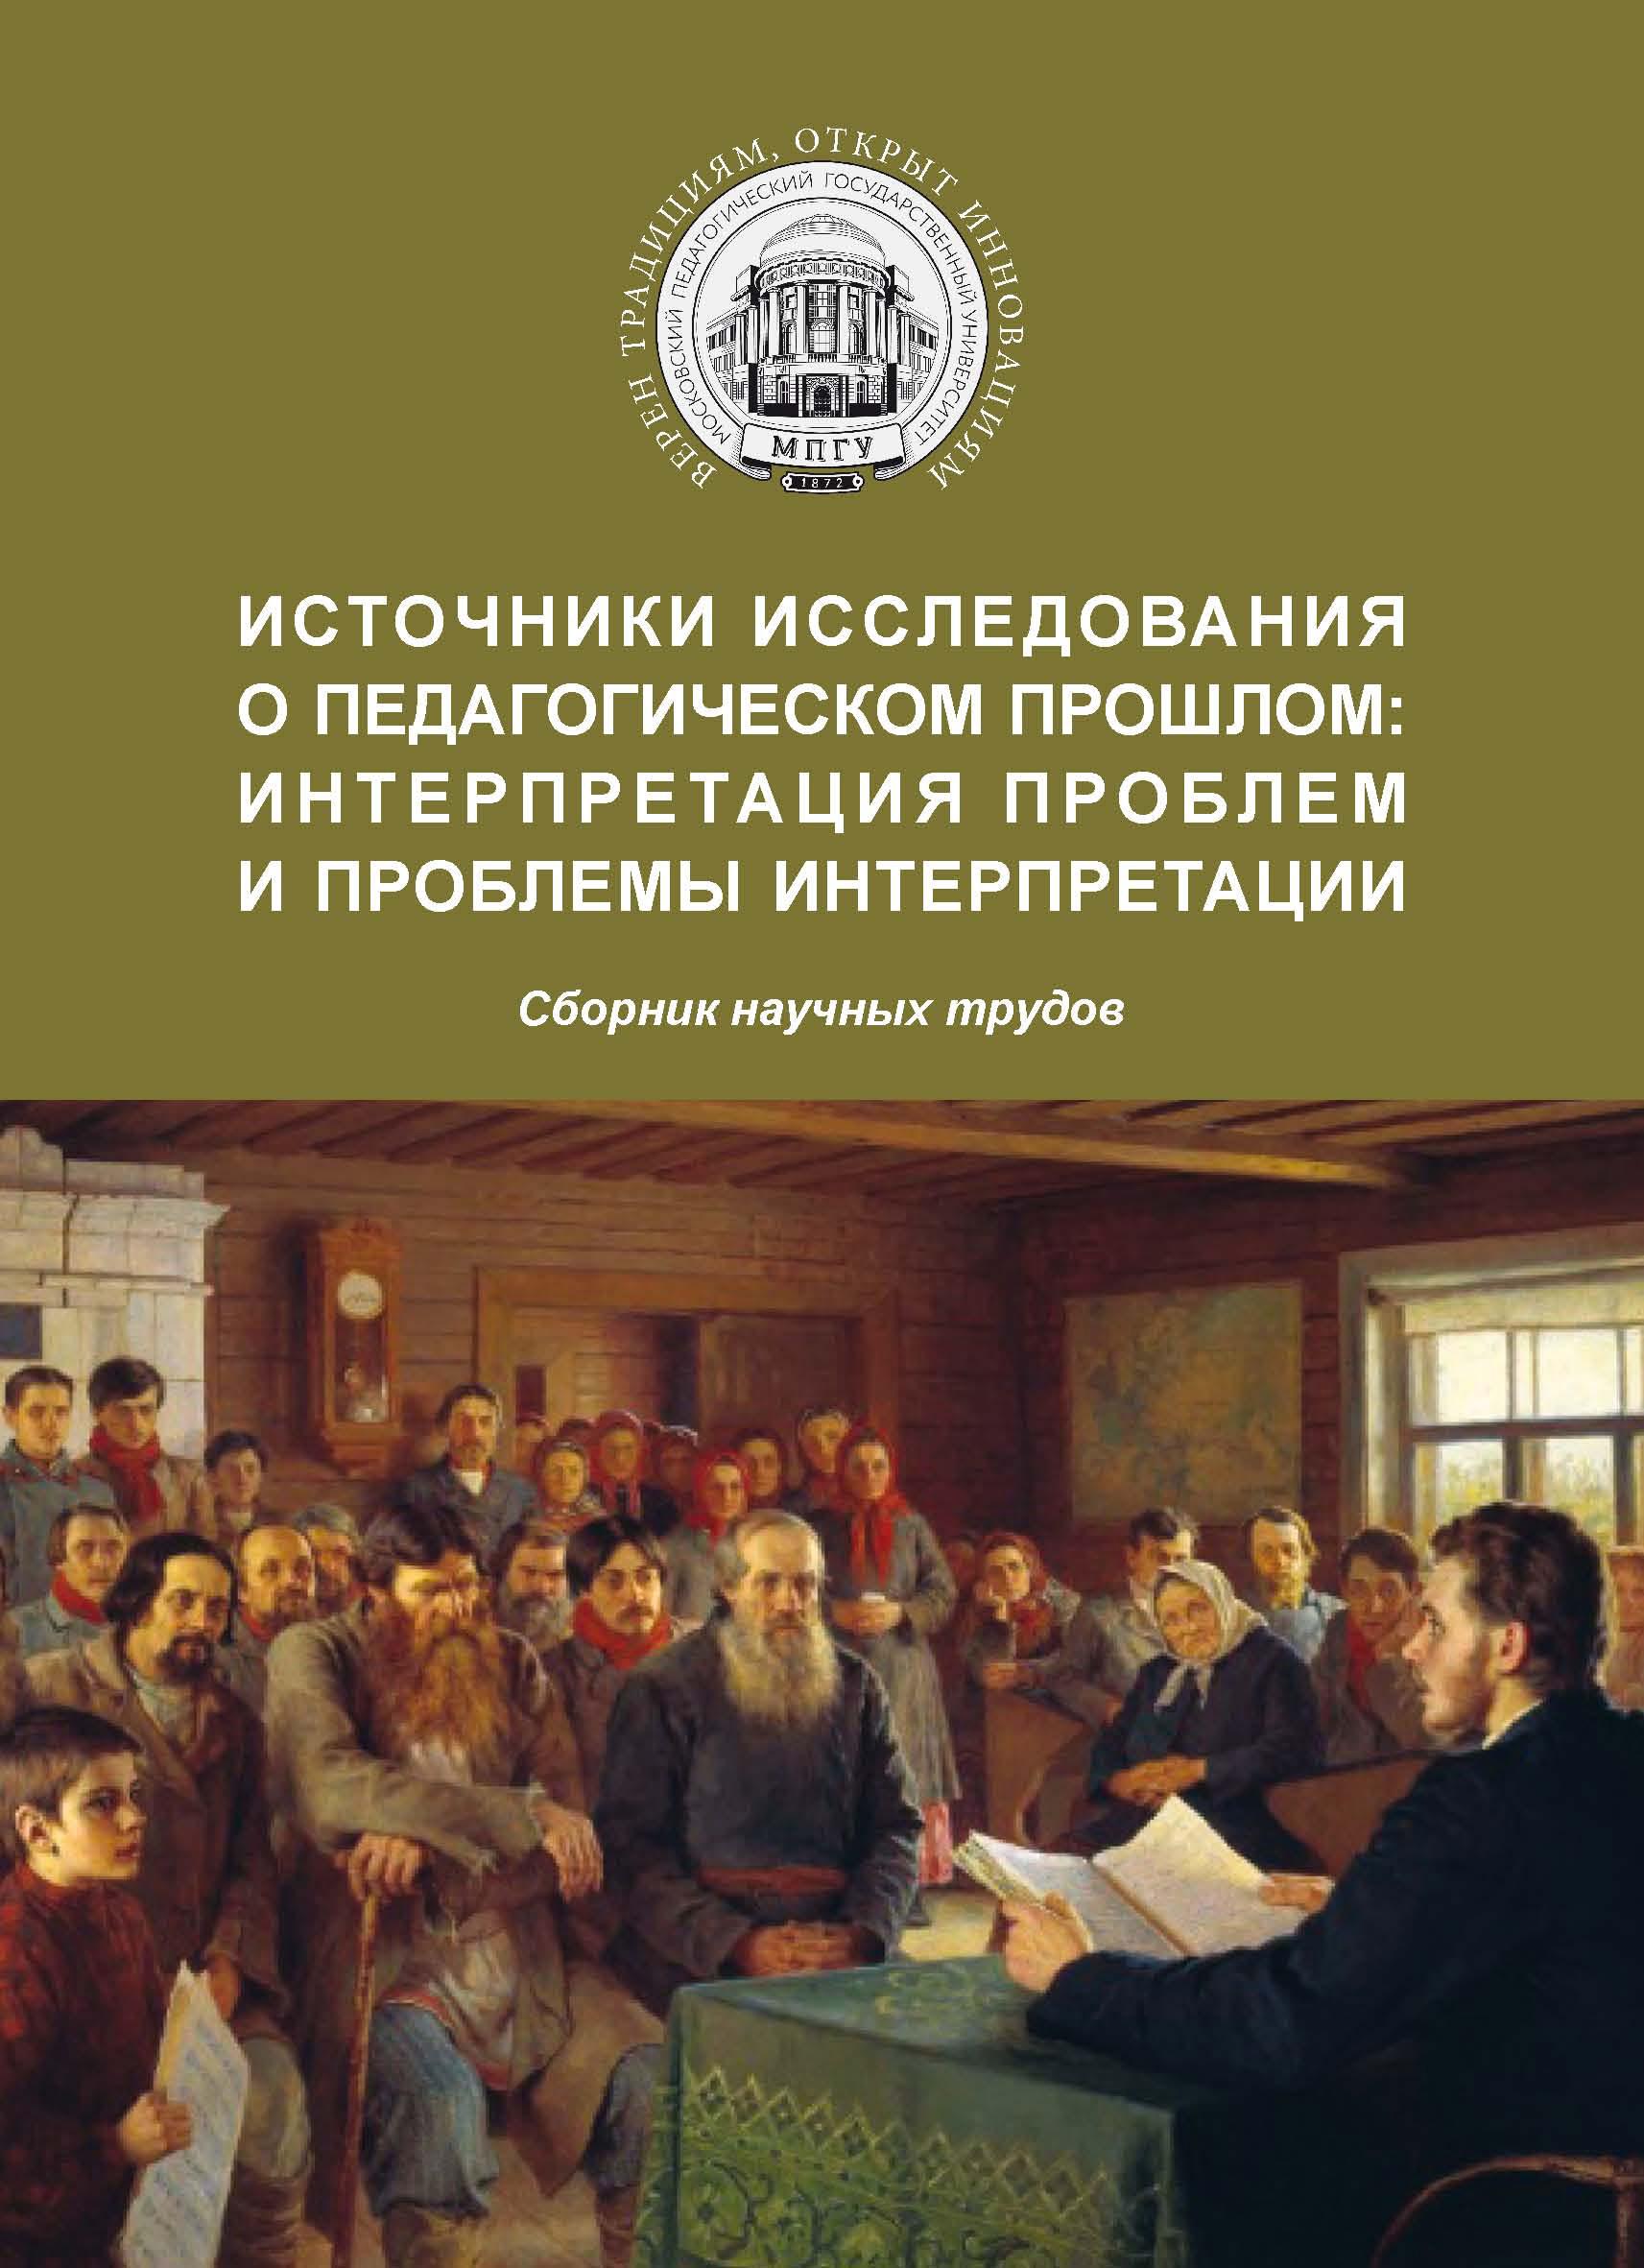 Источники исследования о педагогическом прошлом: интерпретация проблем и проблемы интерпретации